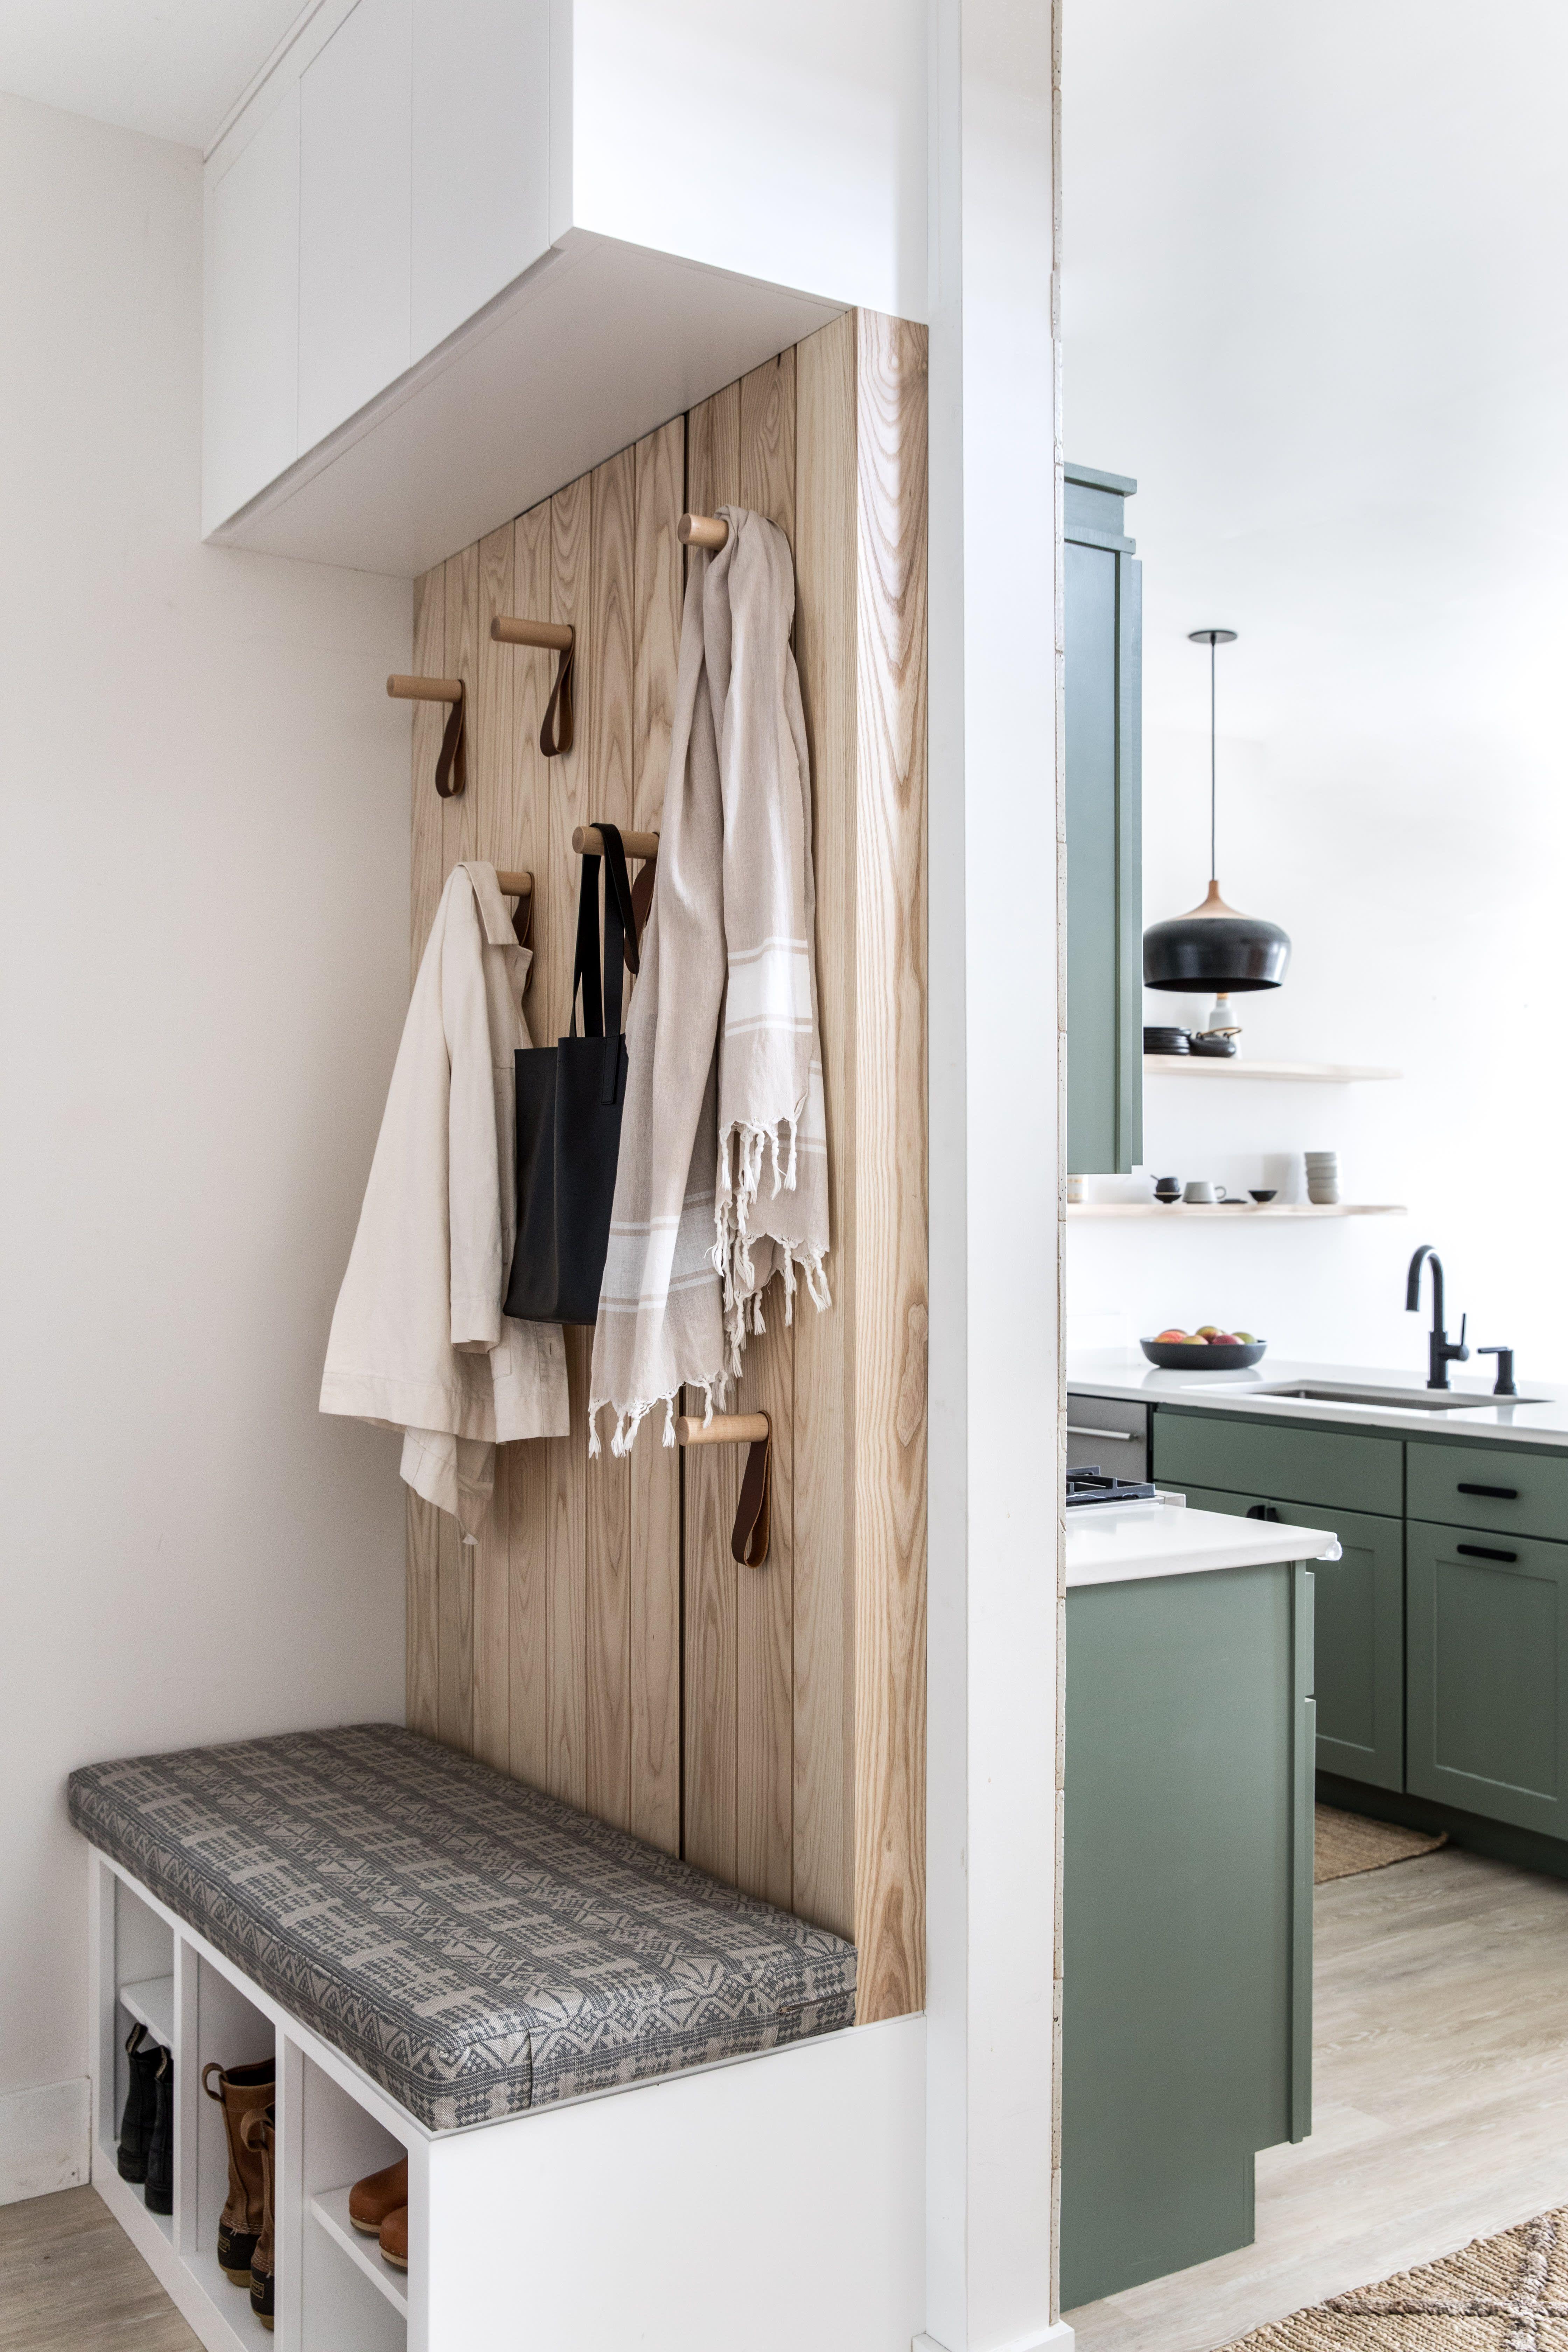 Tour a Portland, Maine Home That Blends Scandinavian and Japanese Design #scandinavianinteriordesign